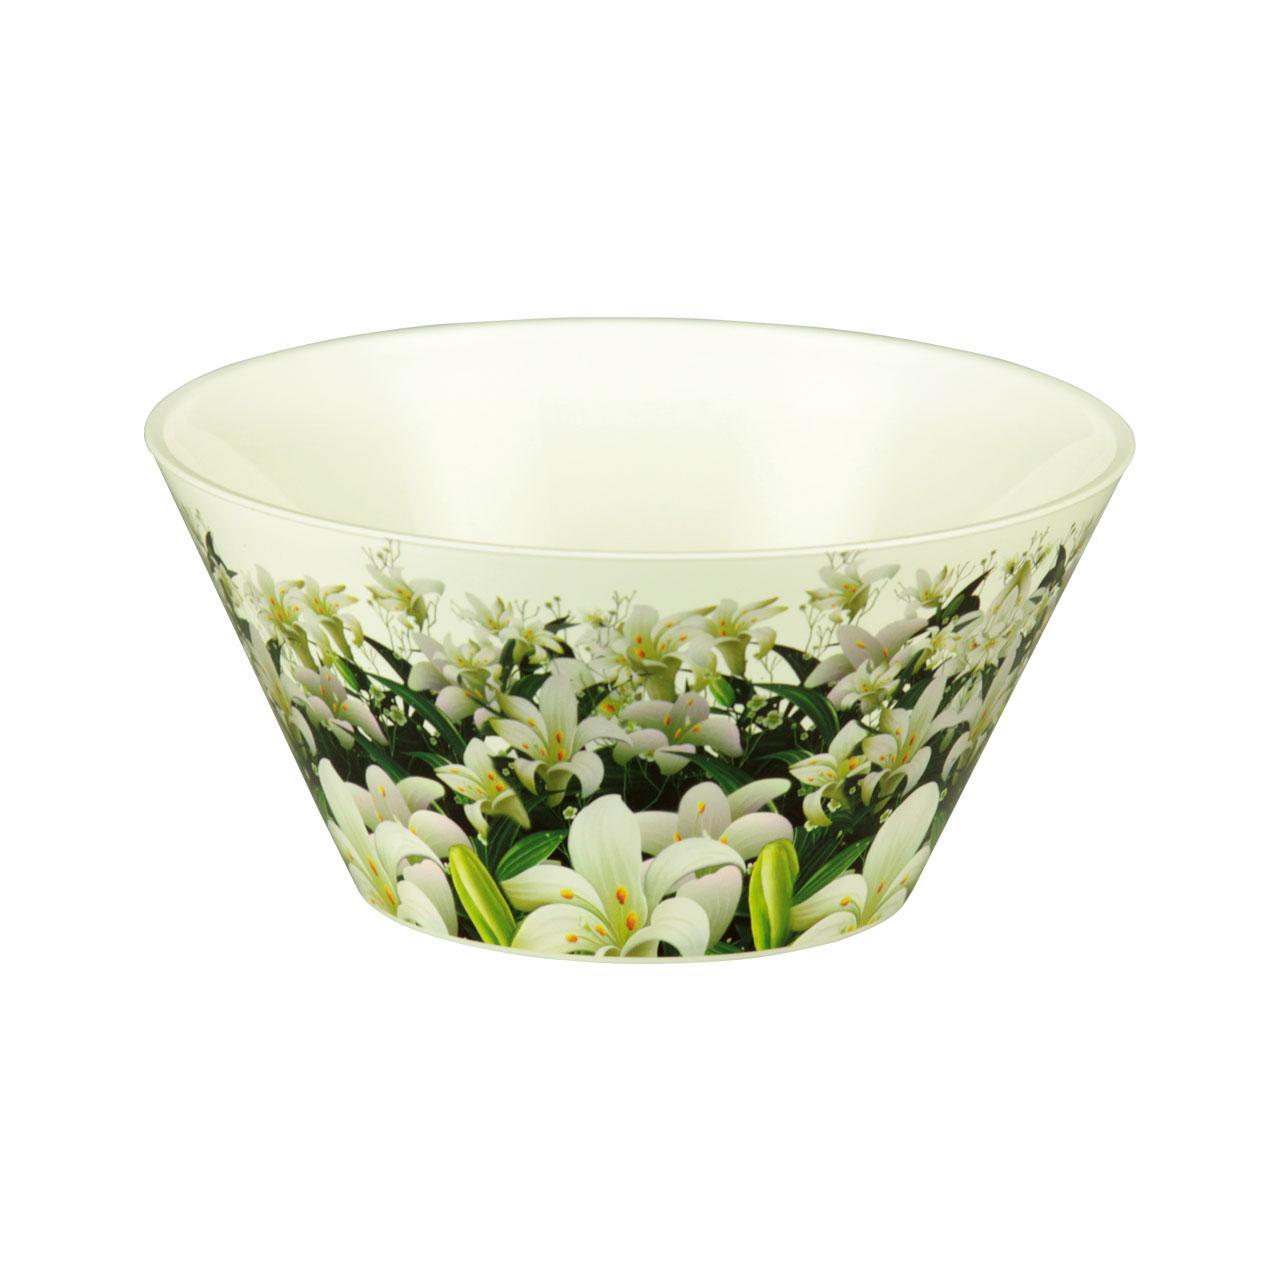 Чаша Шарлотта, 3 лМ2166Чаша Шарлотта изготовлена из высококачественного пластика и подходит для повседневного использования. Чаша декорирована изображением лилий. Чаша отлично подойдет для овсяных хлопьев, фруктов, риса или овощей. Также в ней можно приготовить салаты. Приятный дизайн чаши подойдет практически для любого случая. Диаметр чаши: 24 см. Высота чаши: 13 см. Объем: 3 л.